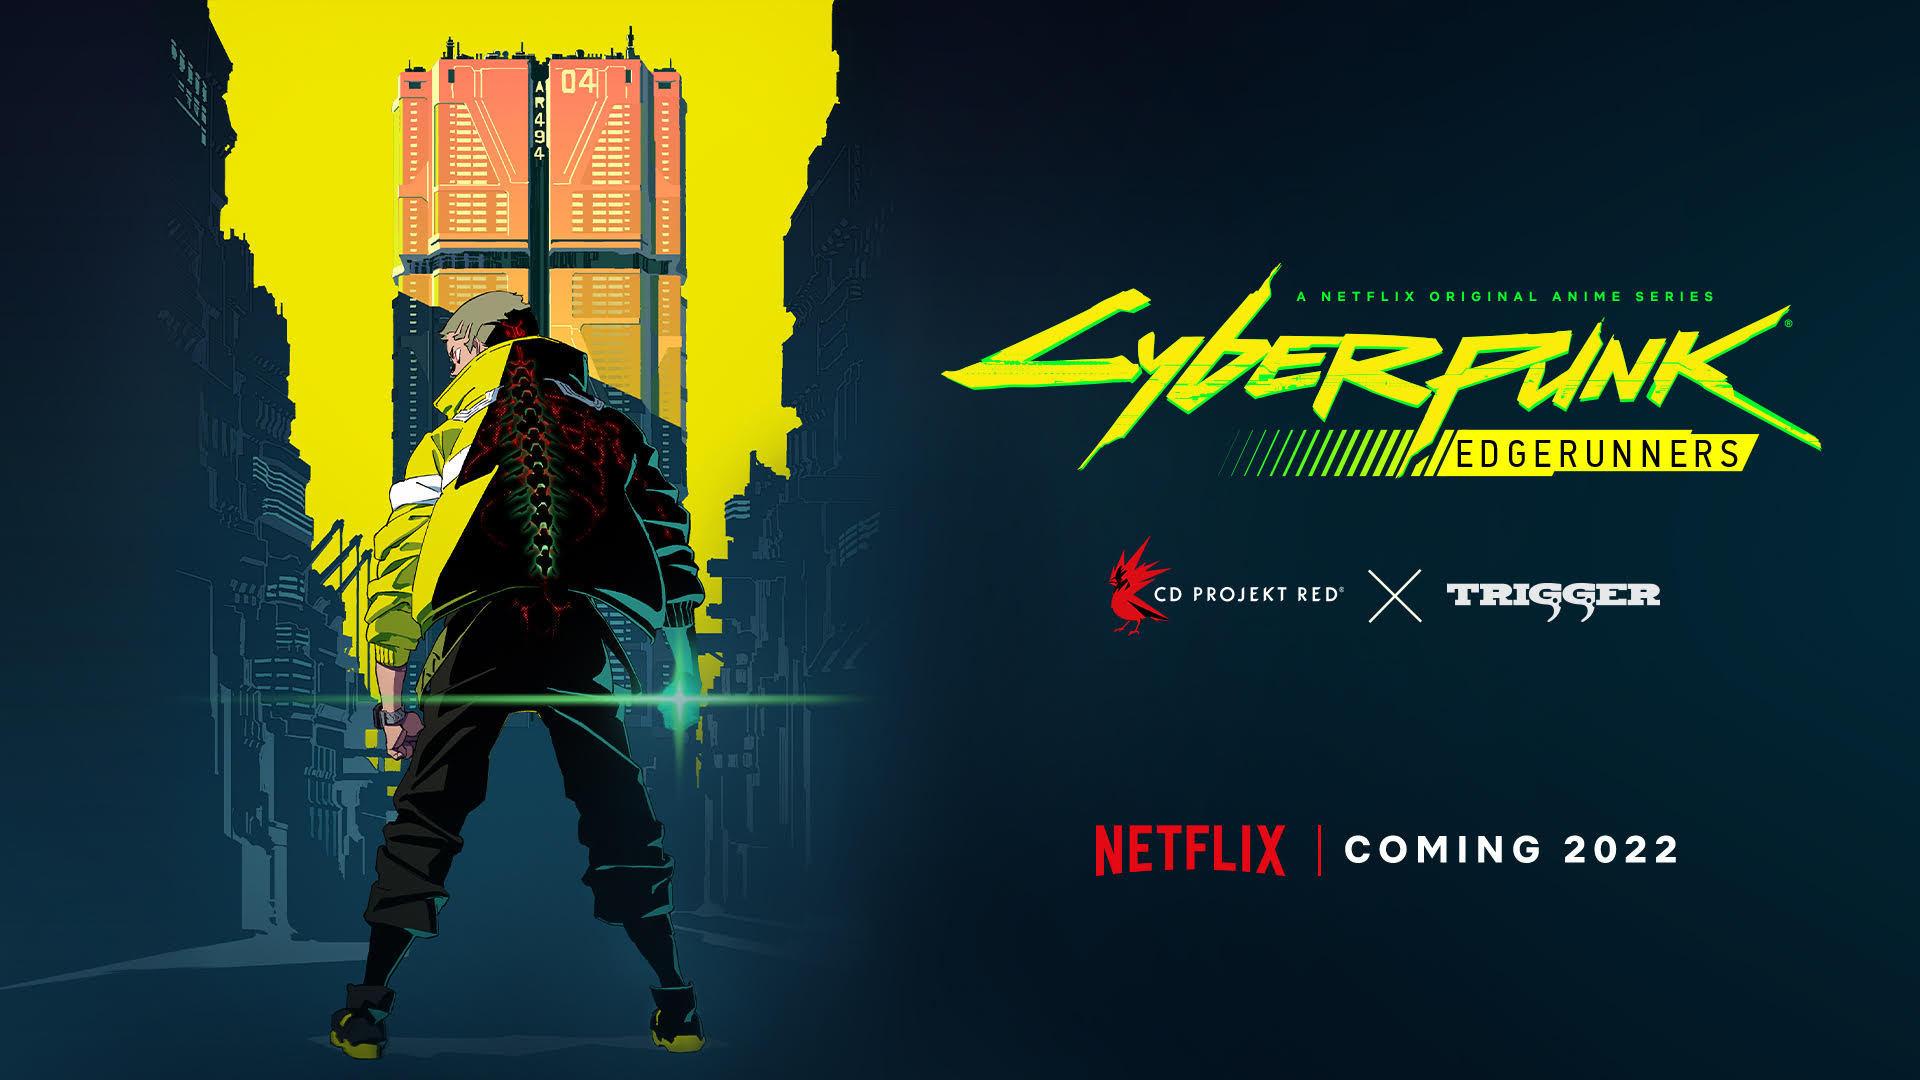 赛博朋克2077将推出动画「赛博朋克 EDGERUNNERS」,扳机社制作、今石洋之导演